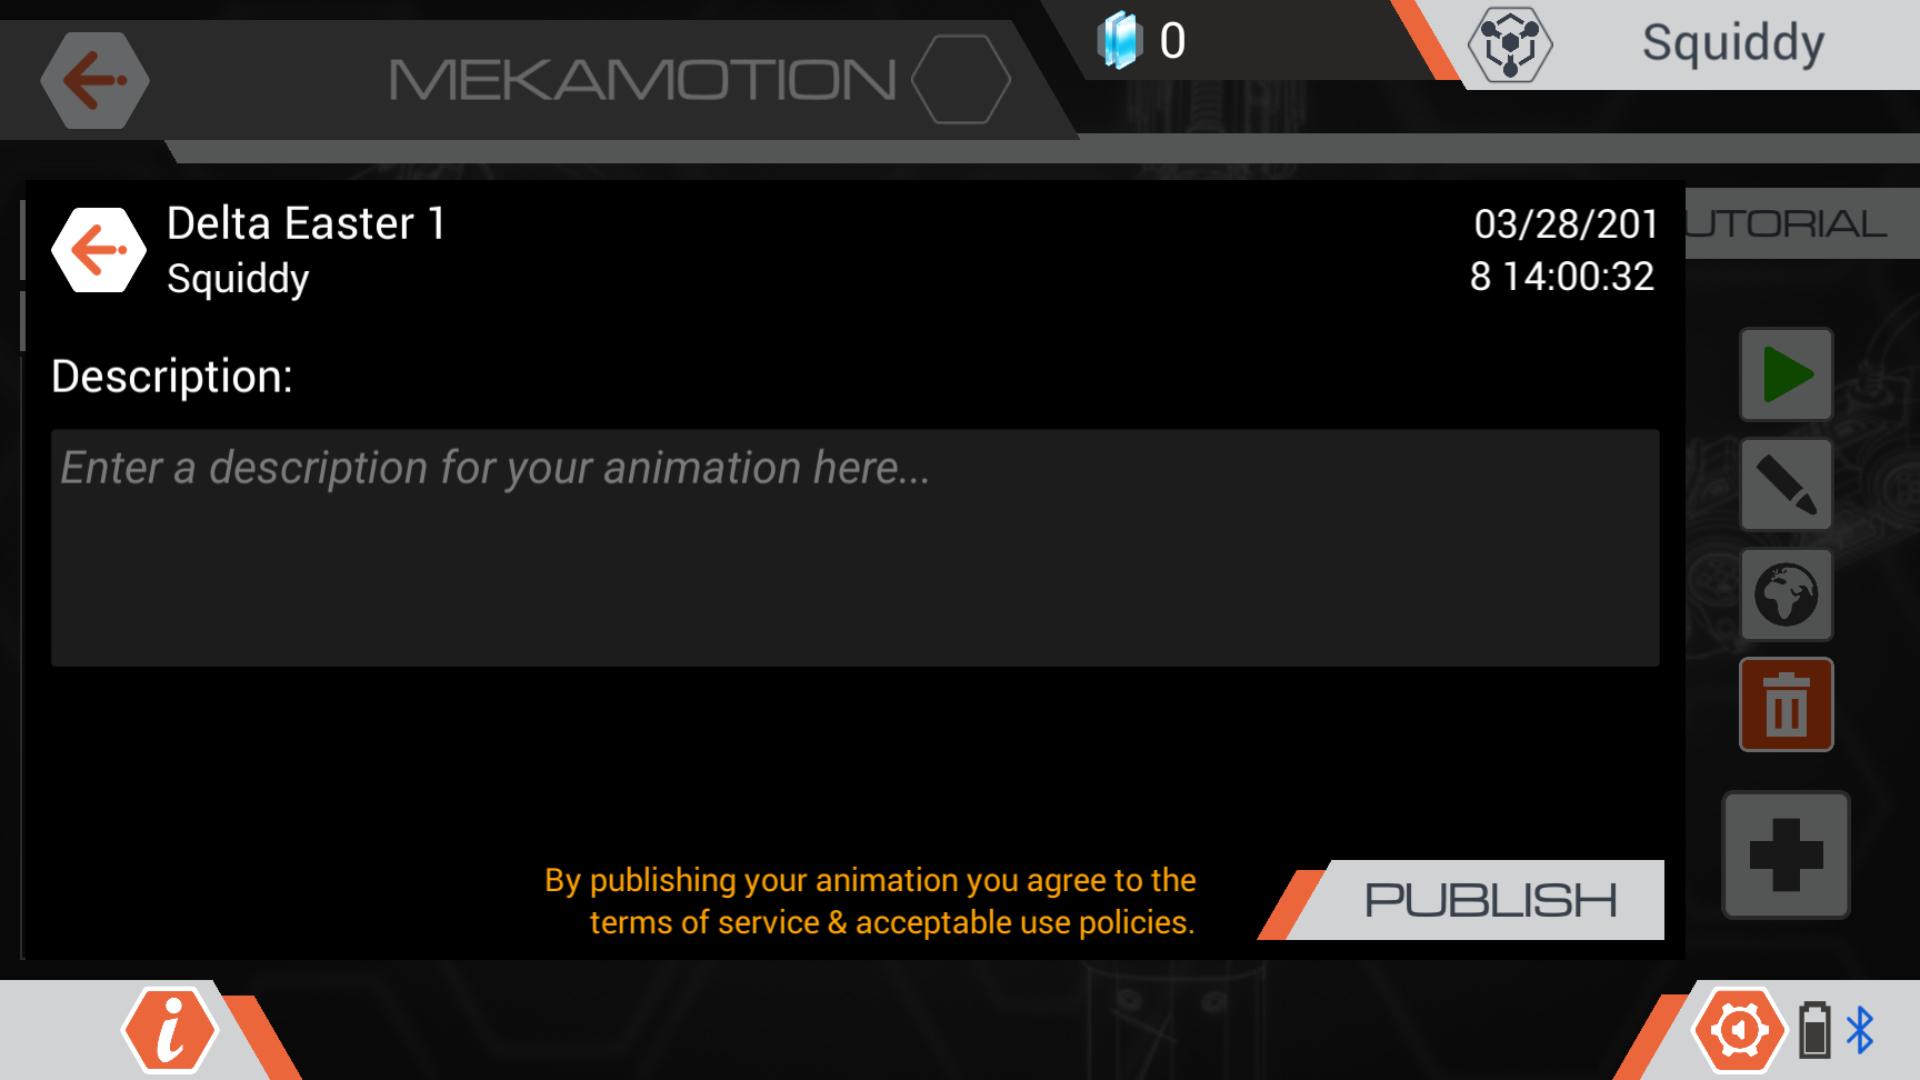 MekaMotion publish animation